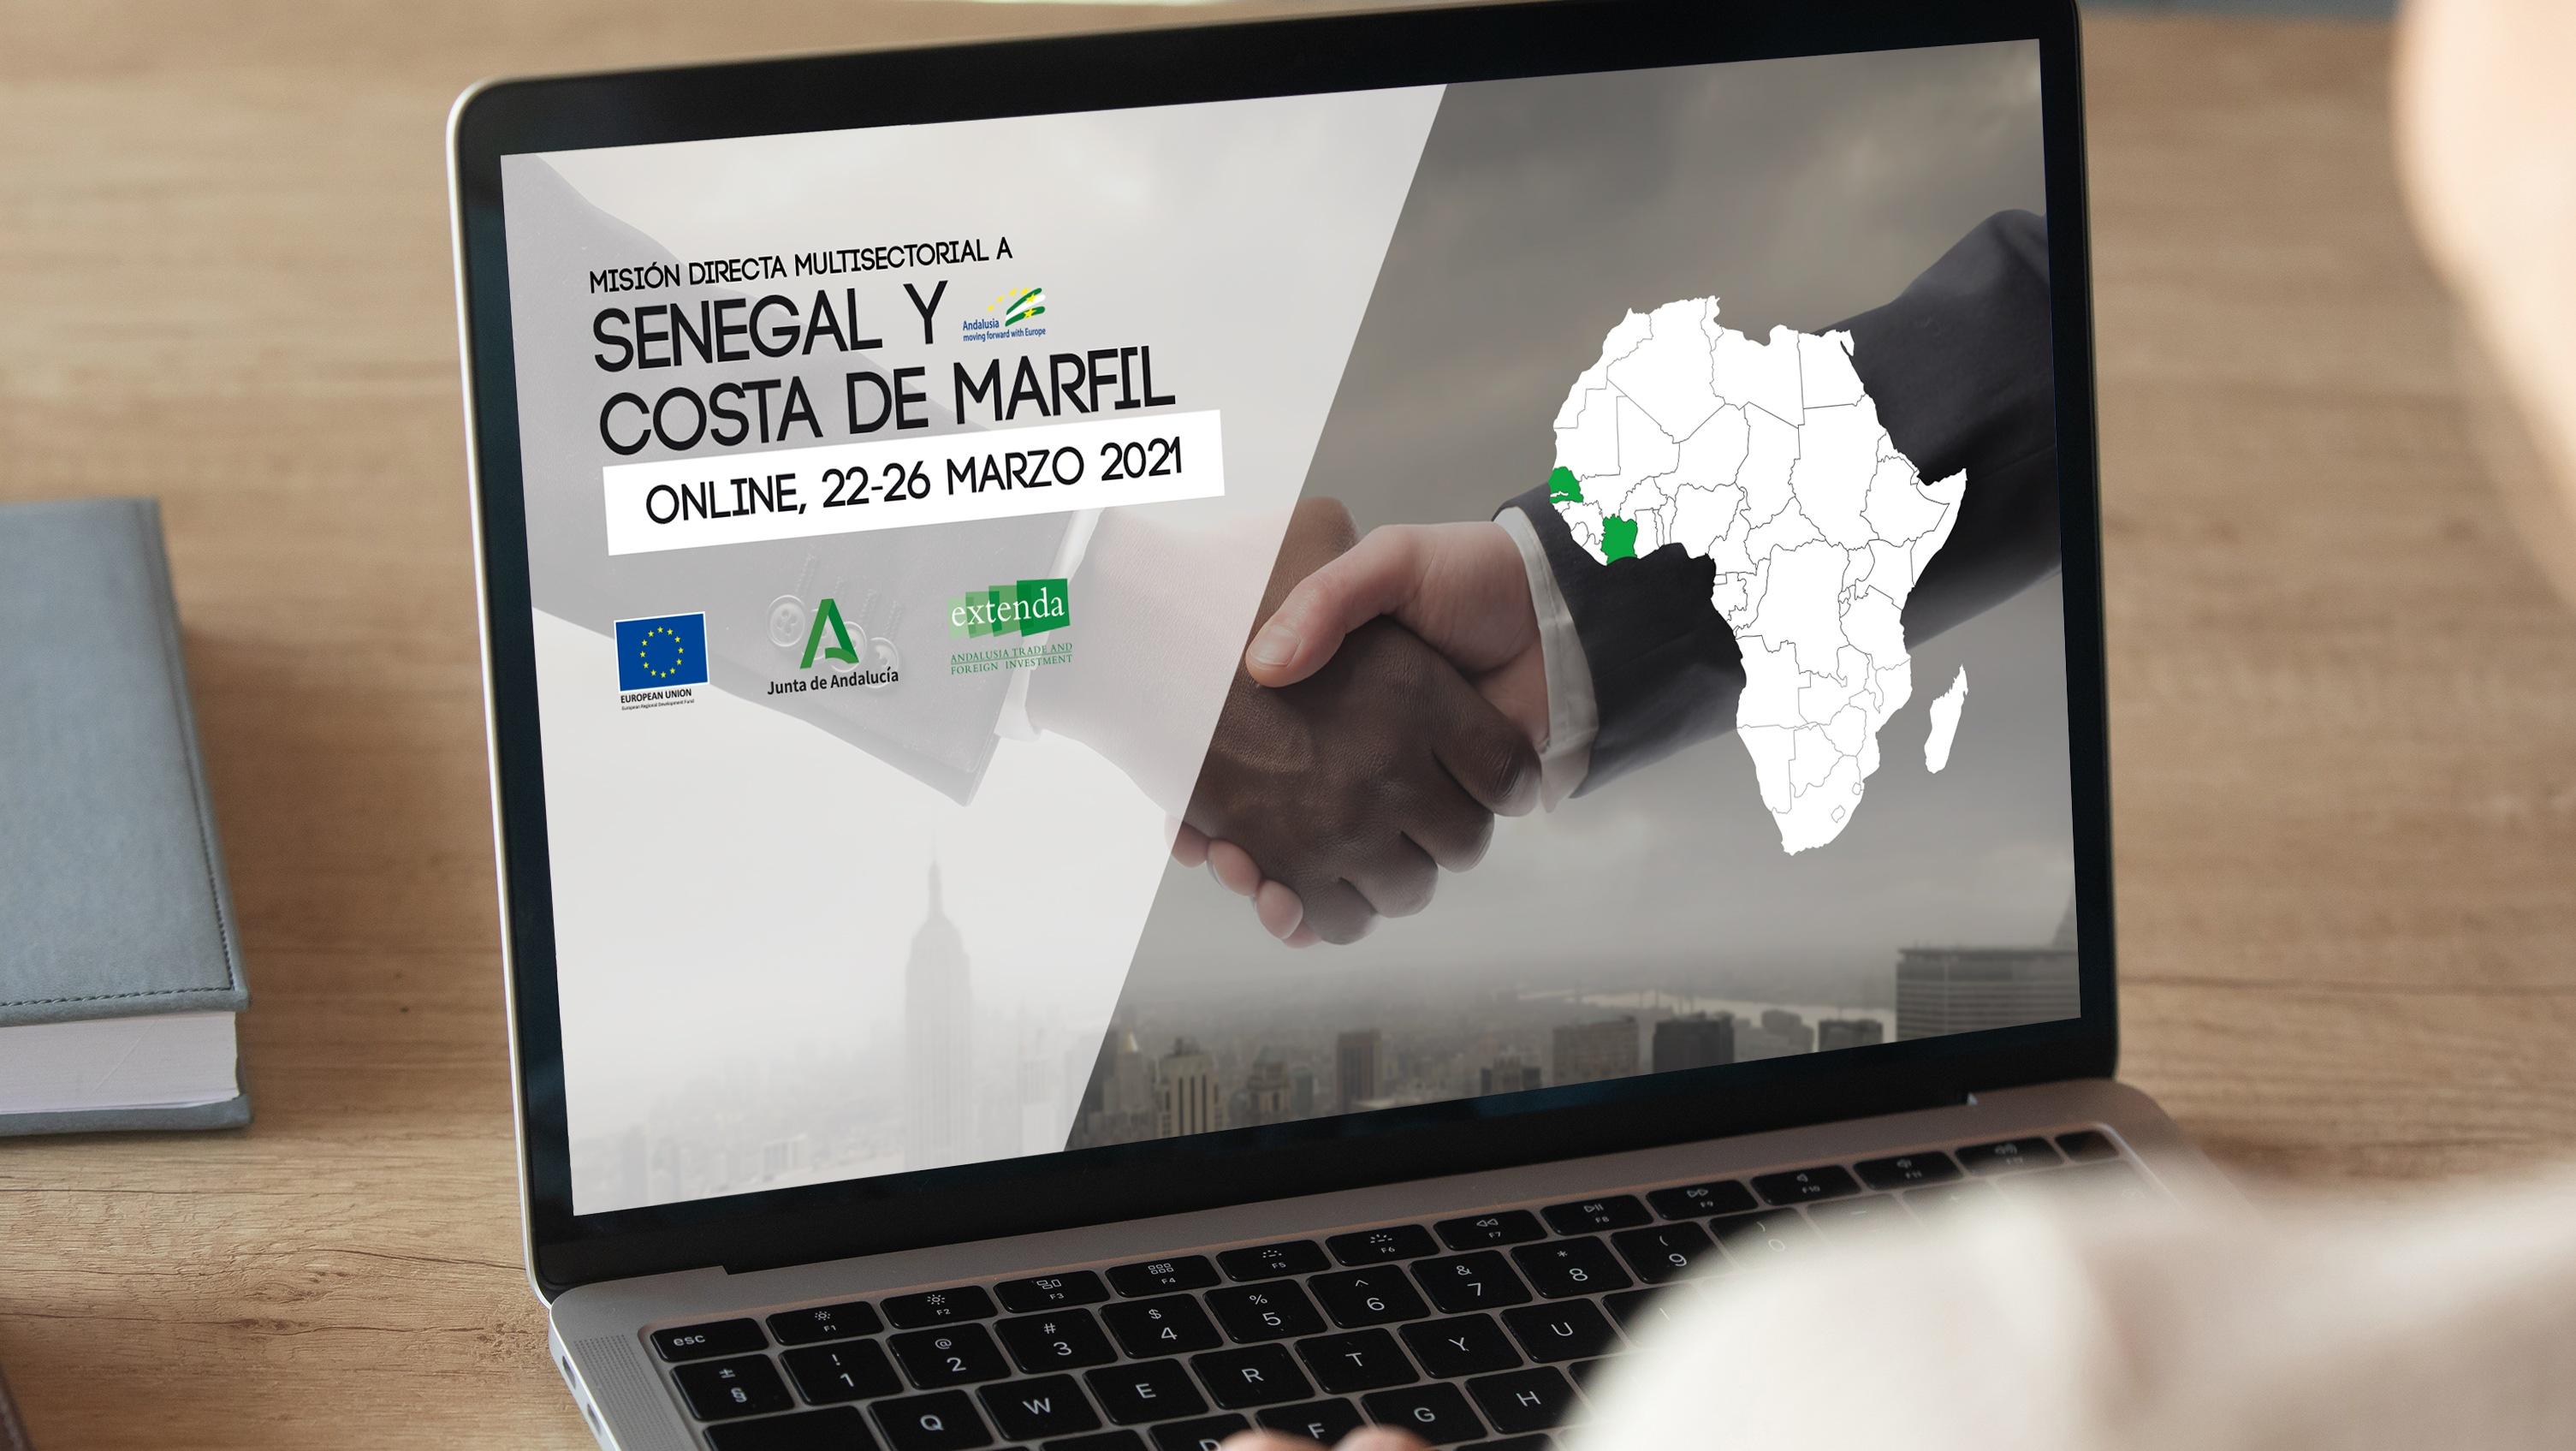 Costa de Marfil y Senegal se convierten en mercados de oportunidad para las empresas andaluzas